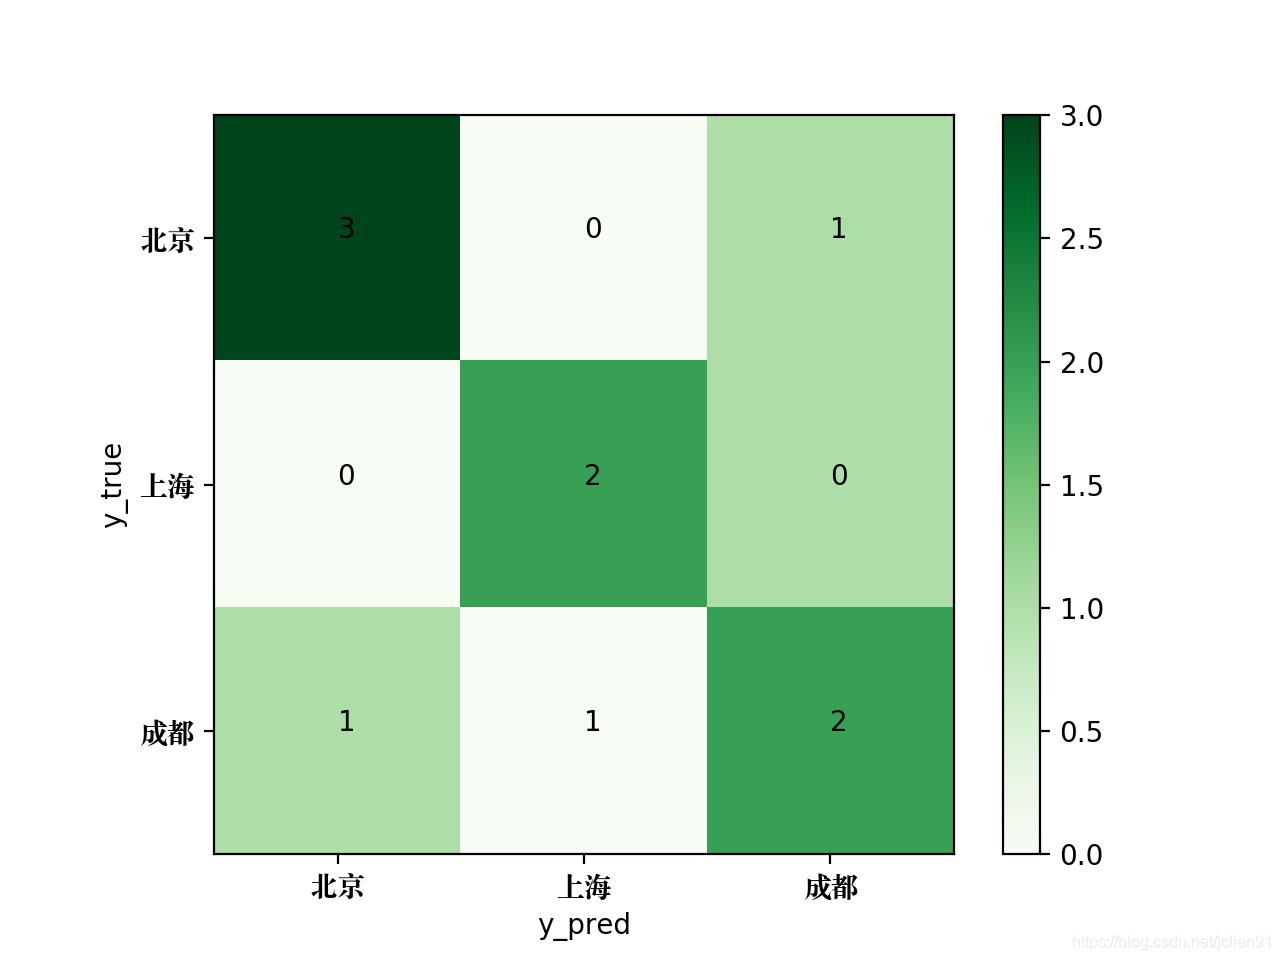 生成的混淆矩阵图